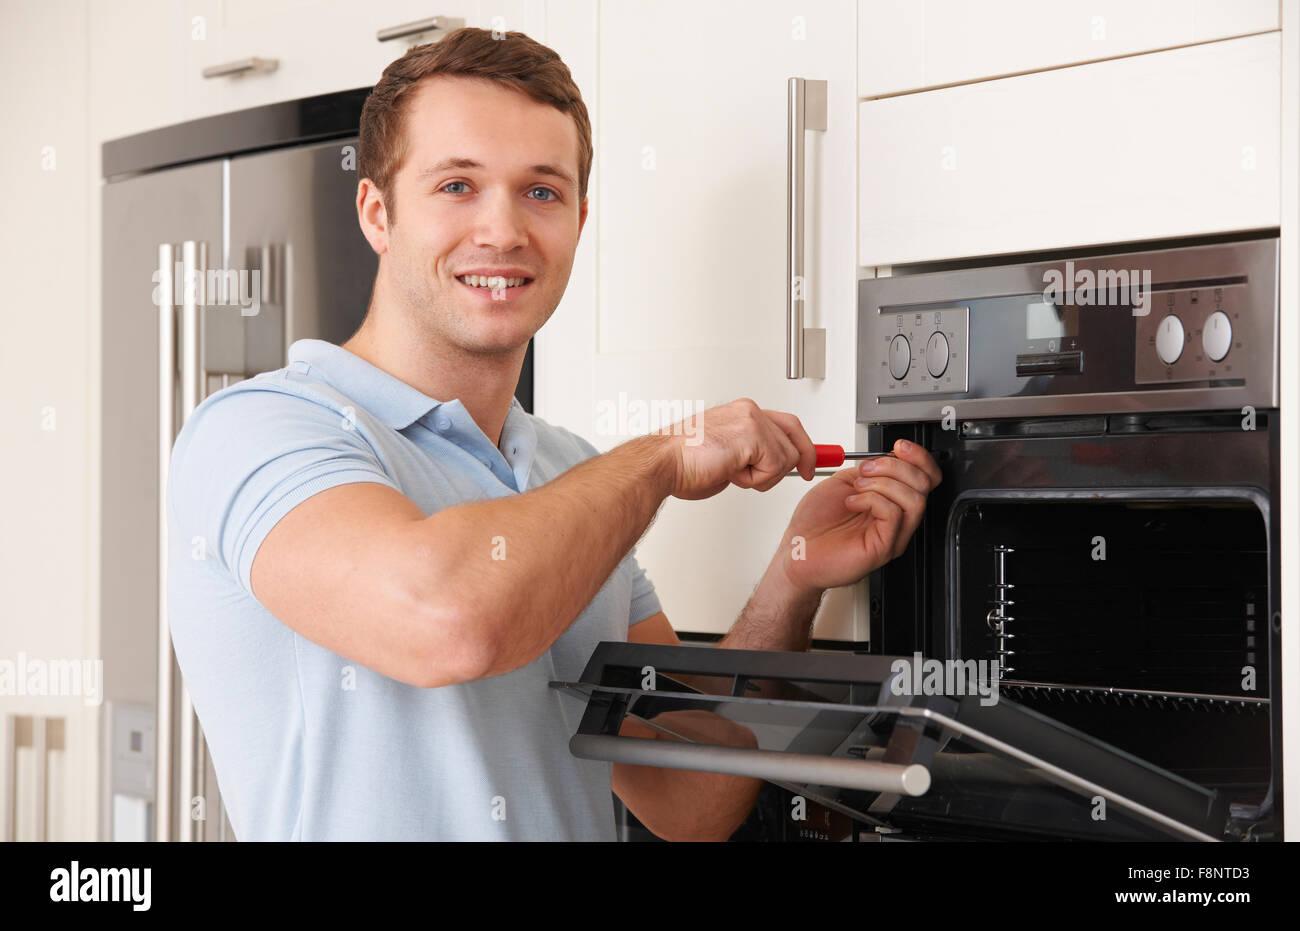 Hombre reparando en cocina horno doméstico Imagen De Stock